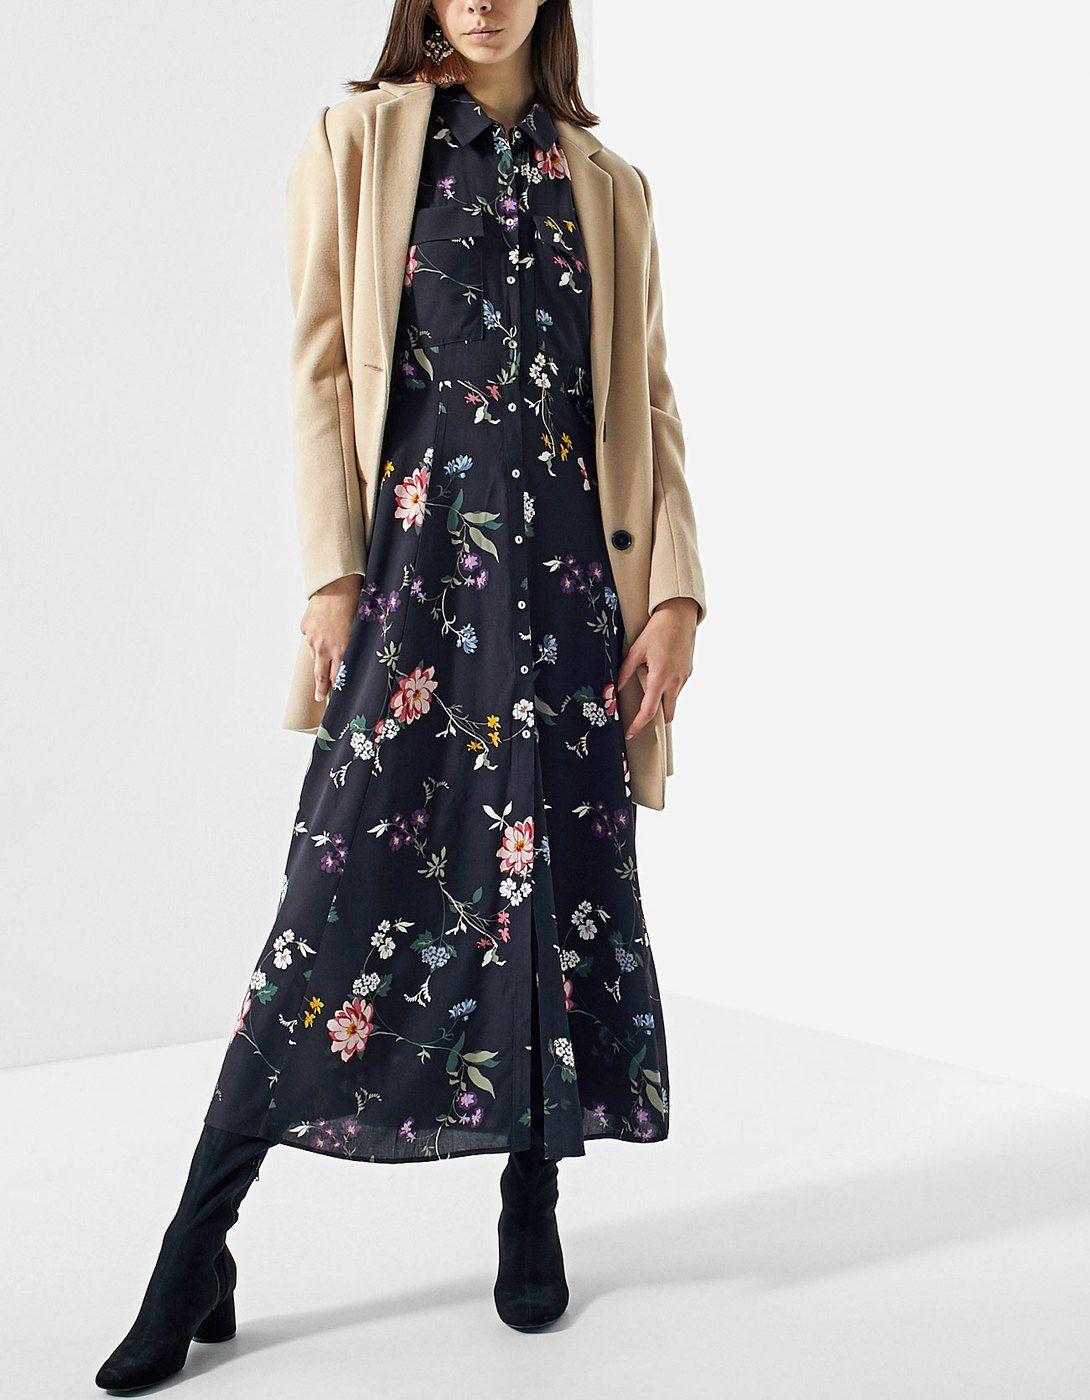 Combinar vestido camisero invierno